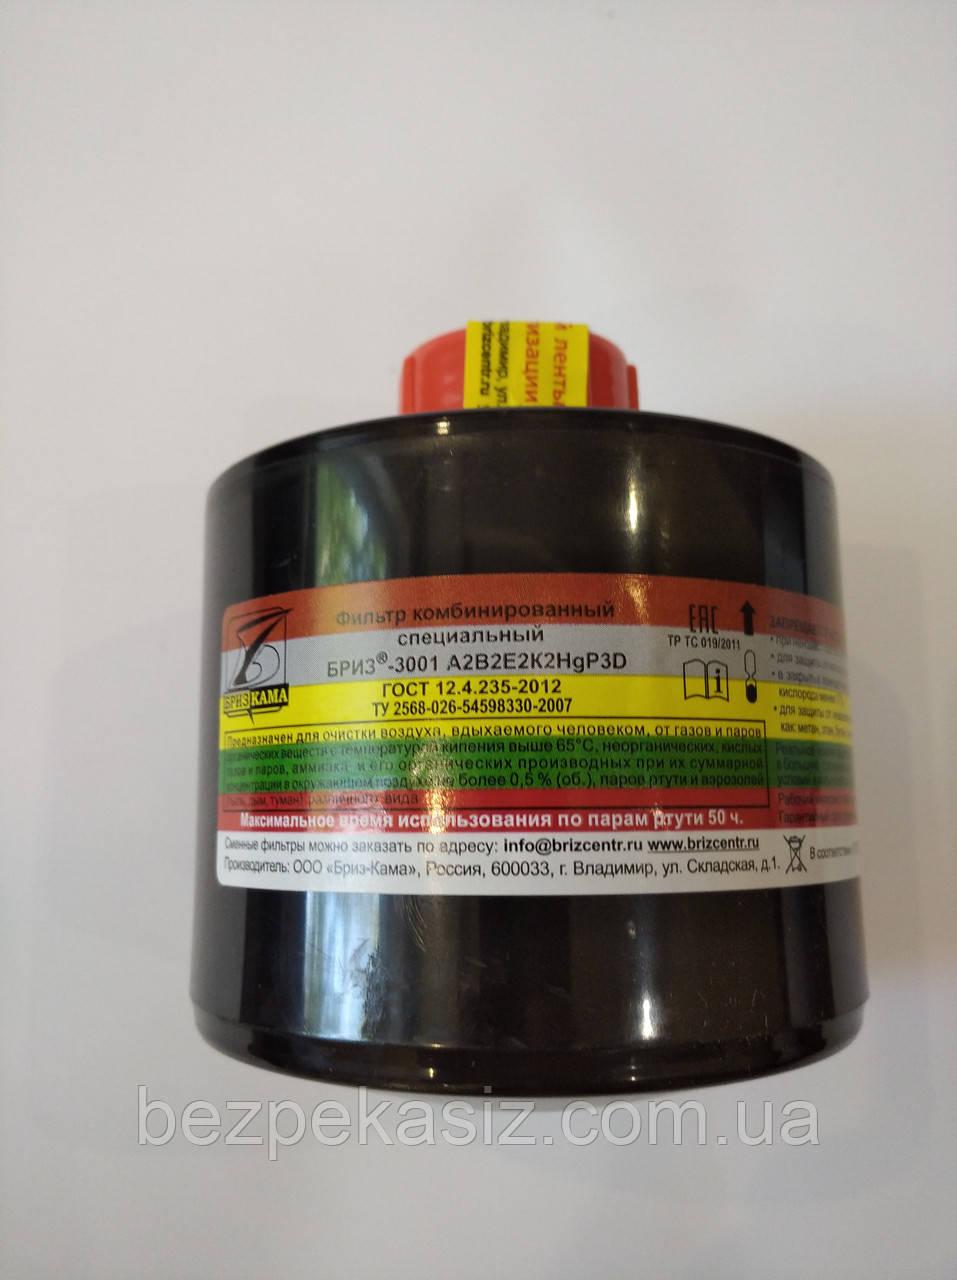 Фильтр Бриз 3001 А2В2Е2К2-HgР3D